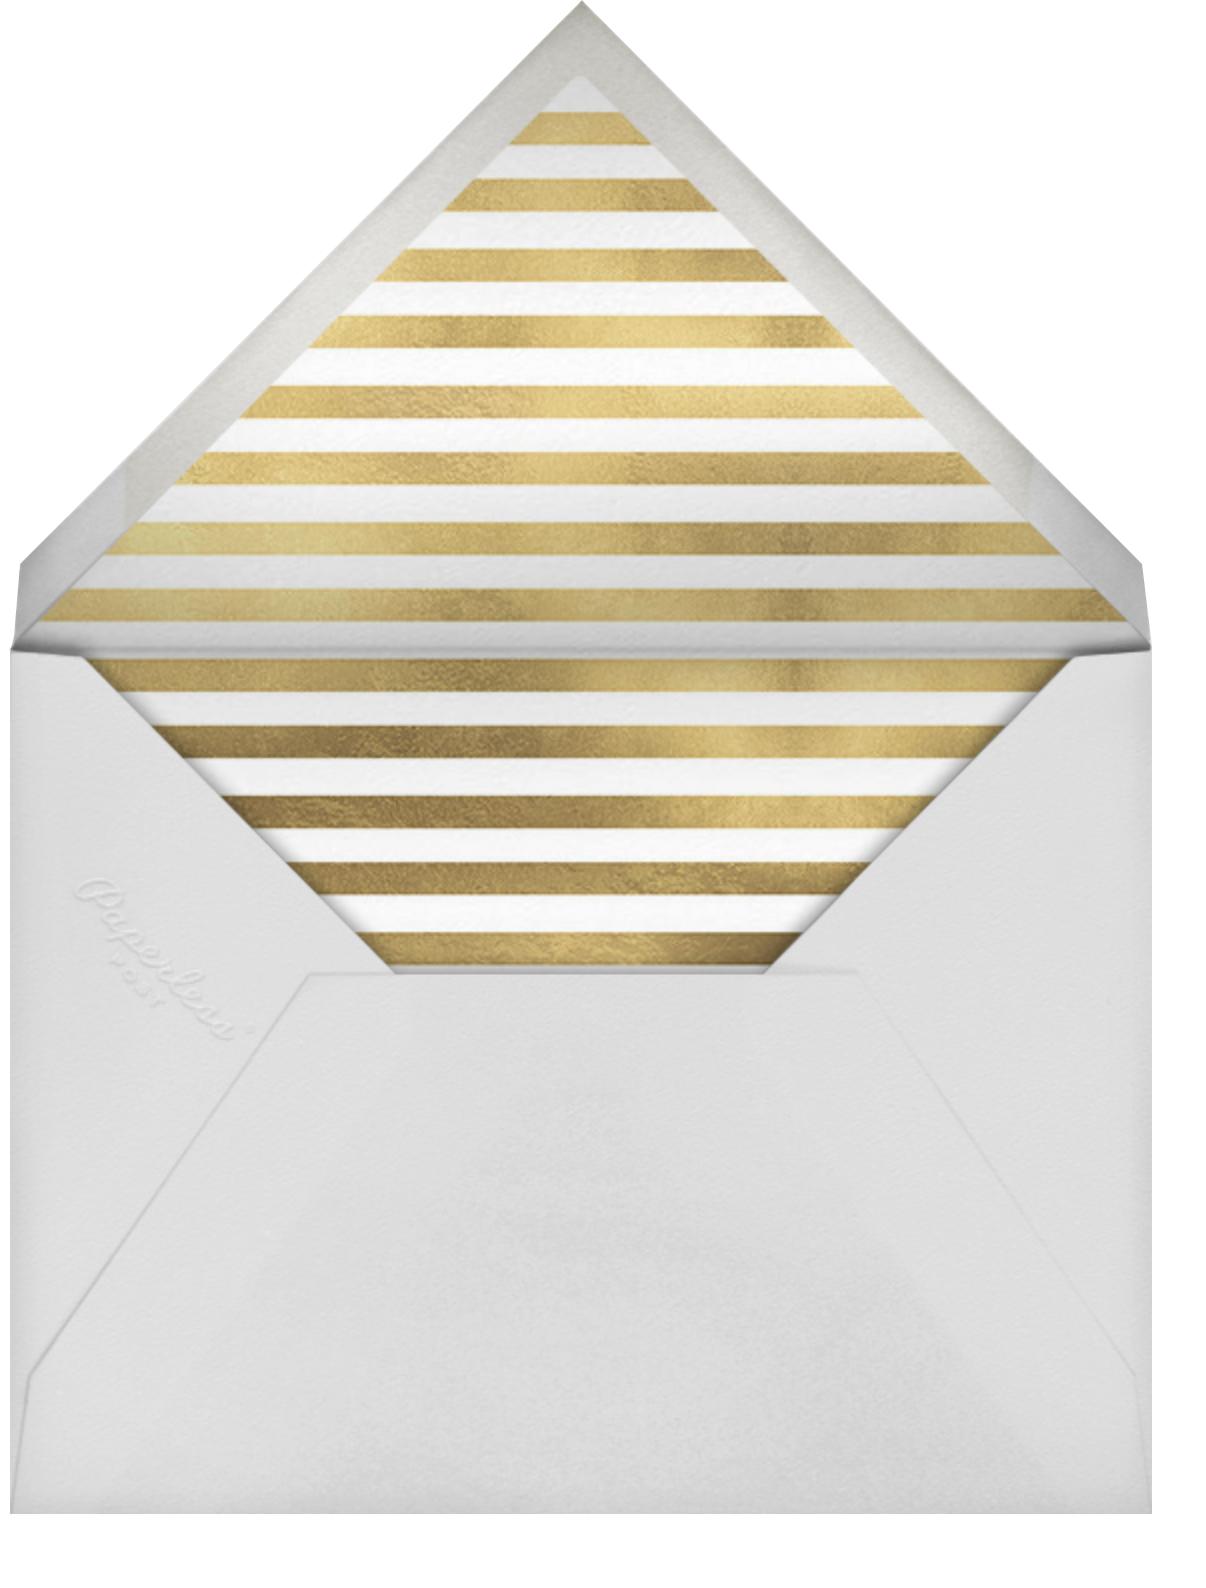 Truitt - Gold - Paperless Post - Envelope